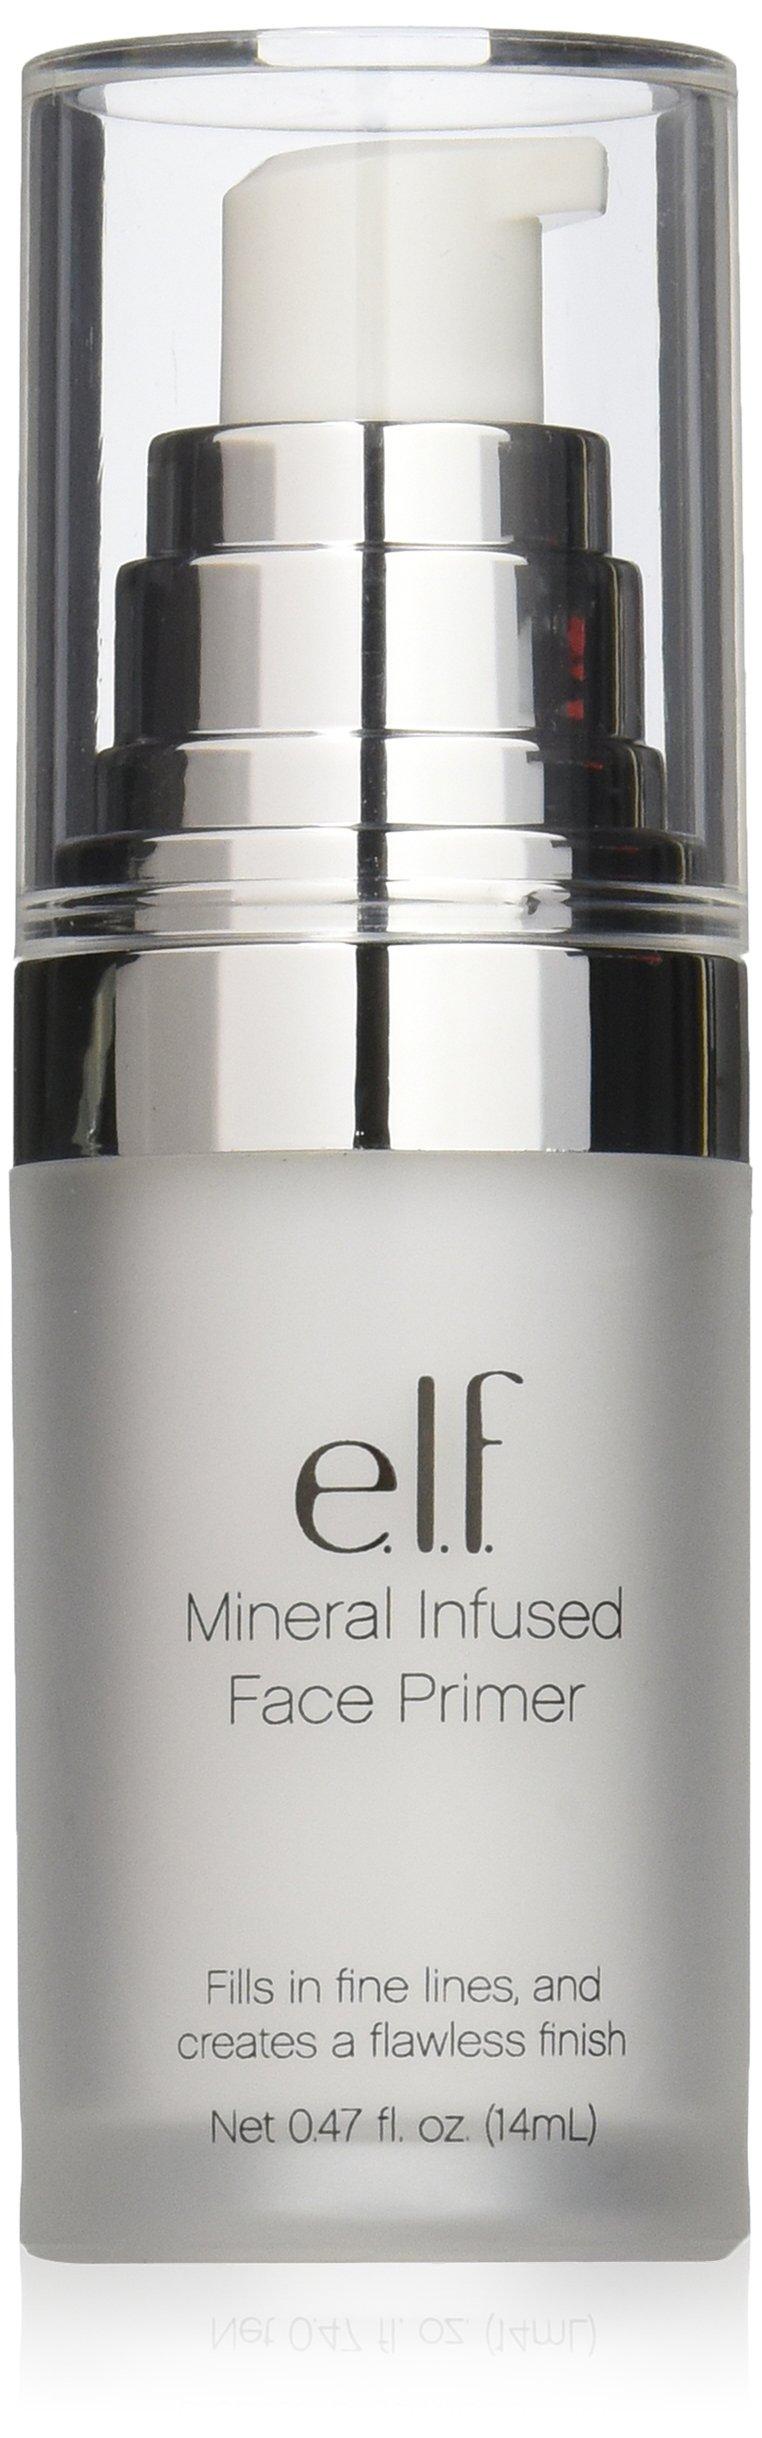 e.l.f Studio mineral infused face primer, 0.47 Ounce